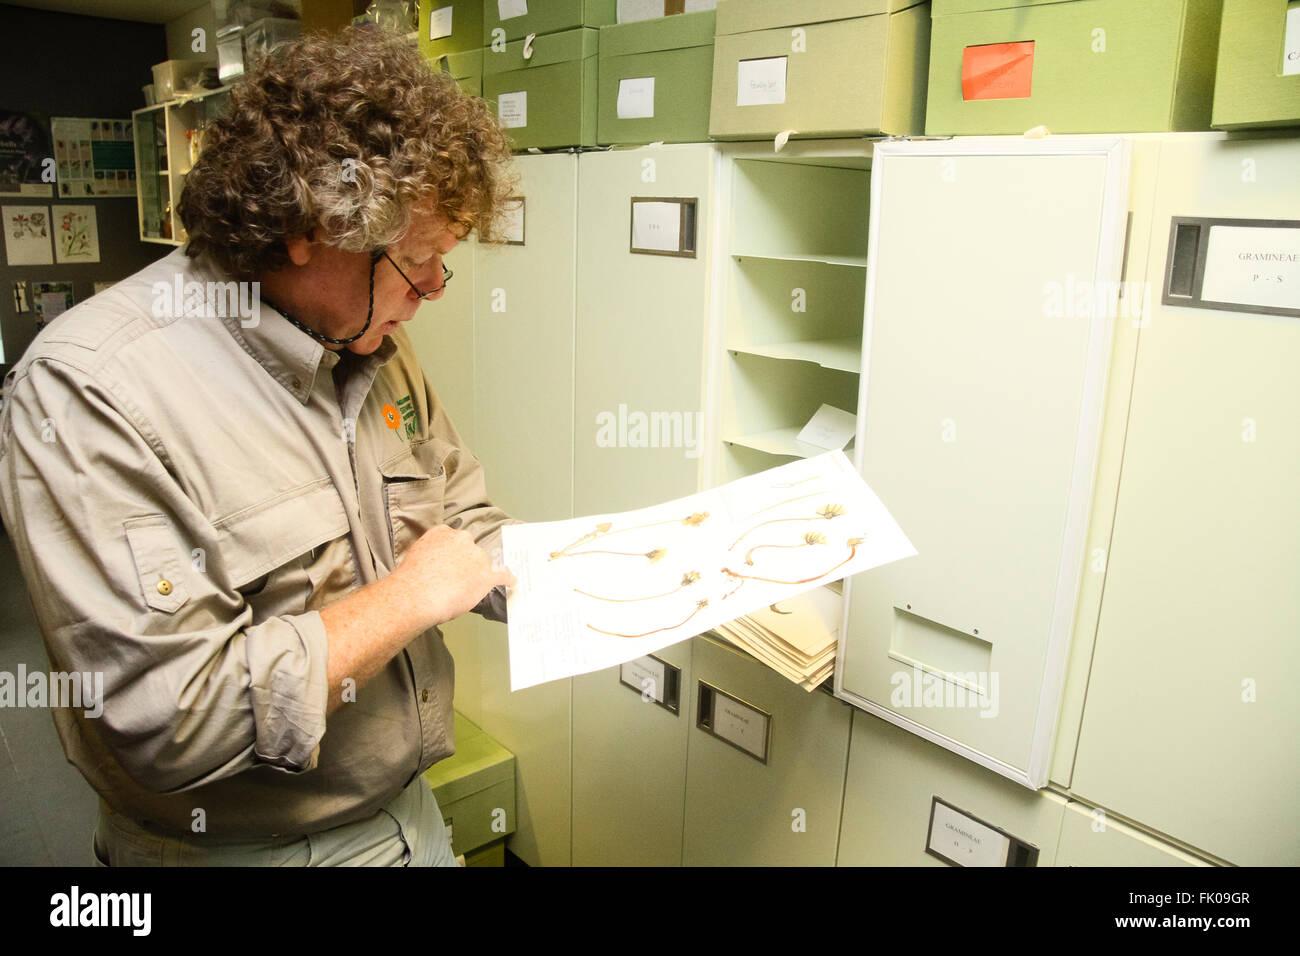 Kew Millennium Seedbank, West Sussex, UK. Scientist Tim Pearce studies a sample of seeds. - Stock Image